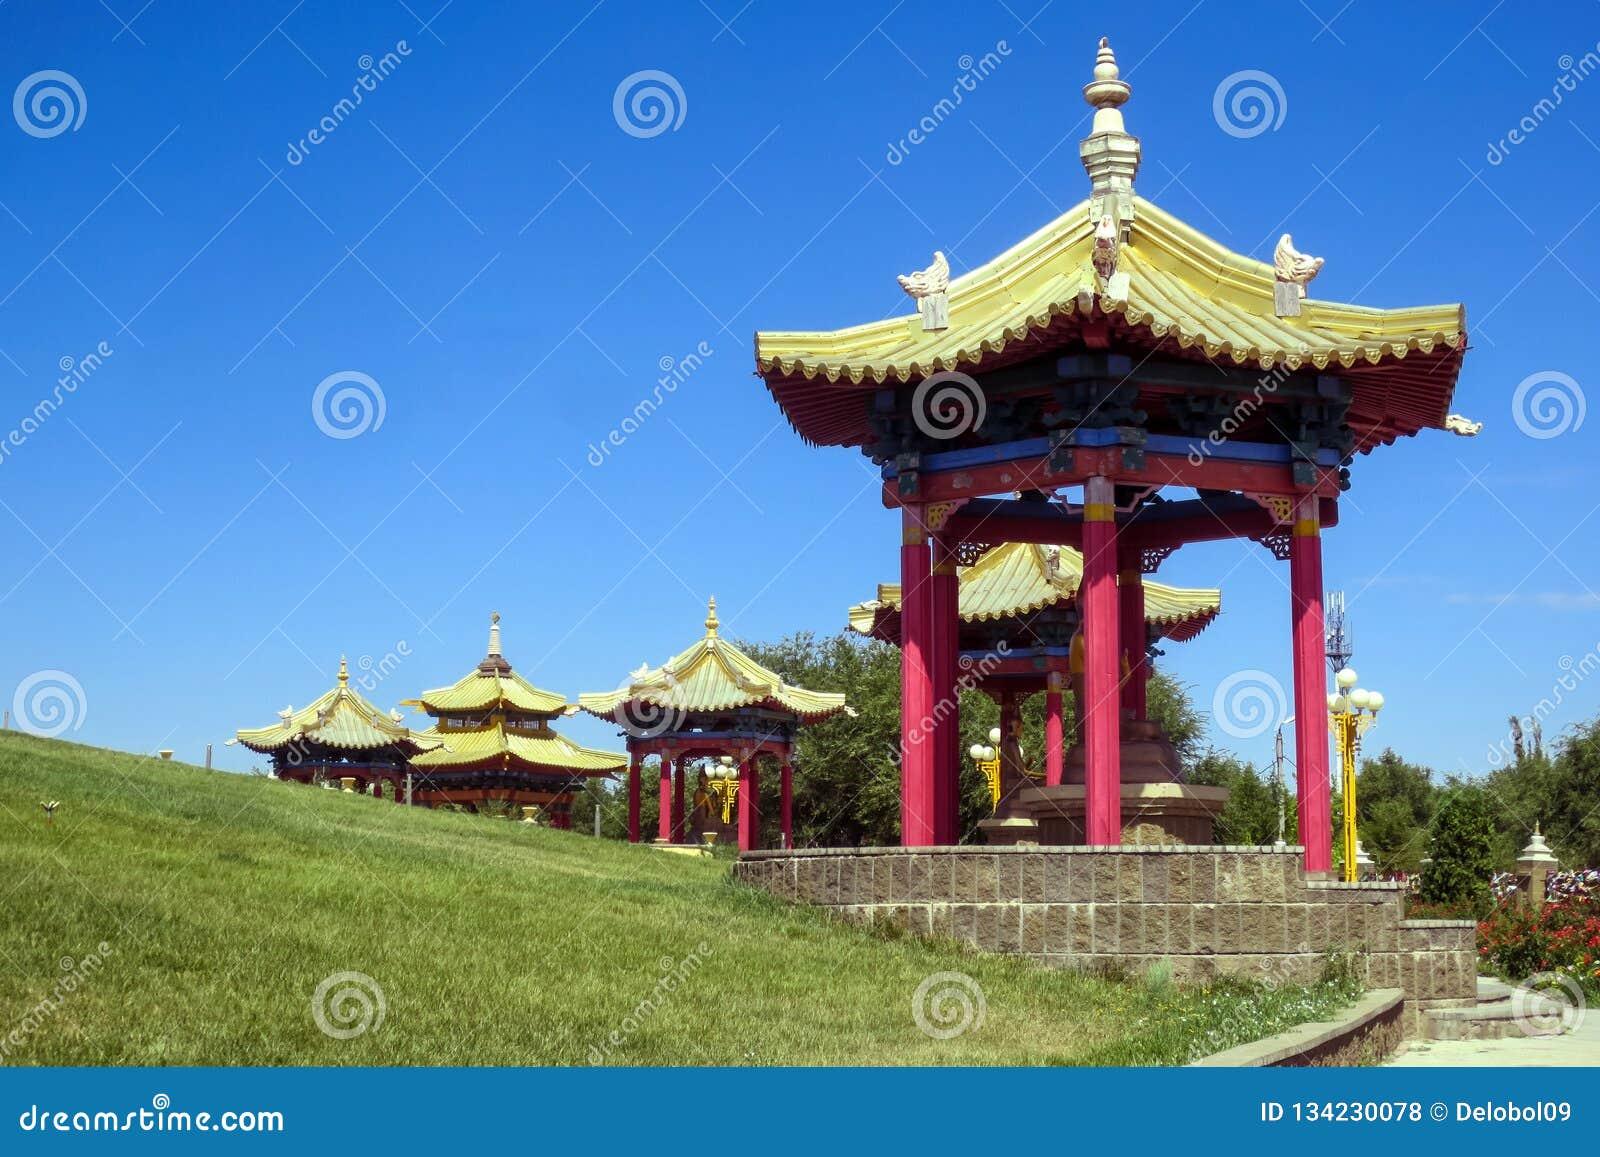 Pagode, domicílio dourado da Buda Shakyamuni, templo budista em Elista